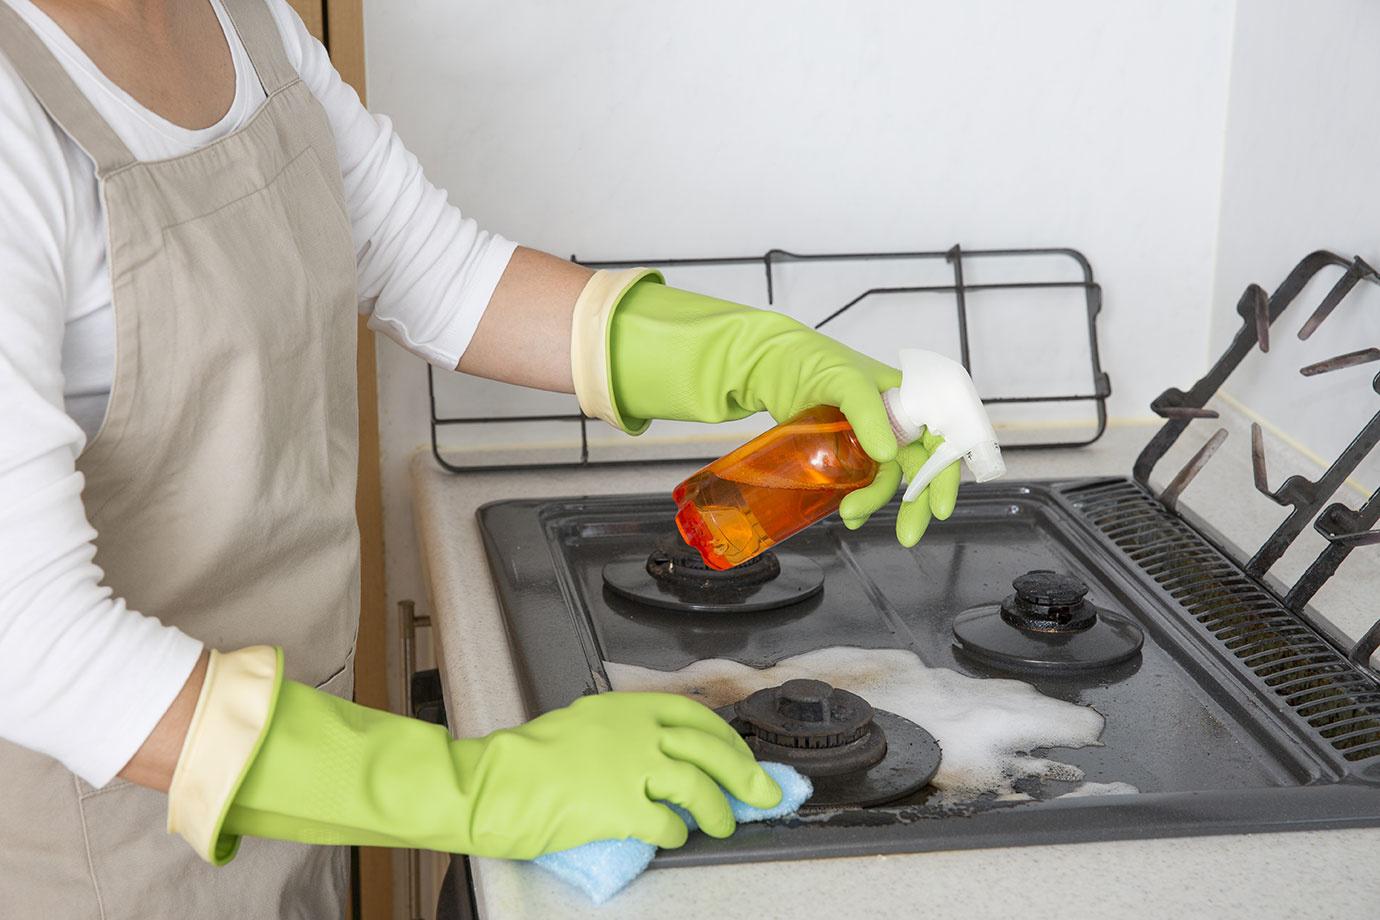 ガスコンロの効率的な掃除の仕方はコレ!一人暮らしでも頑固な油汚れを簡単に落とせる4つのテクニック